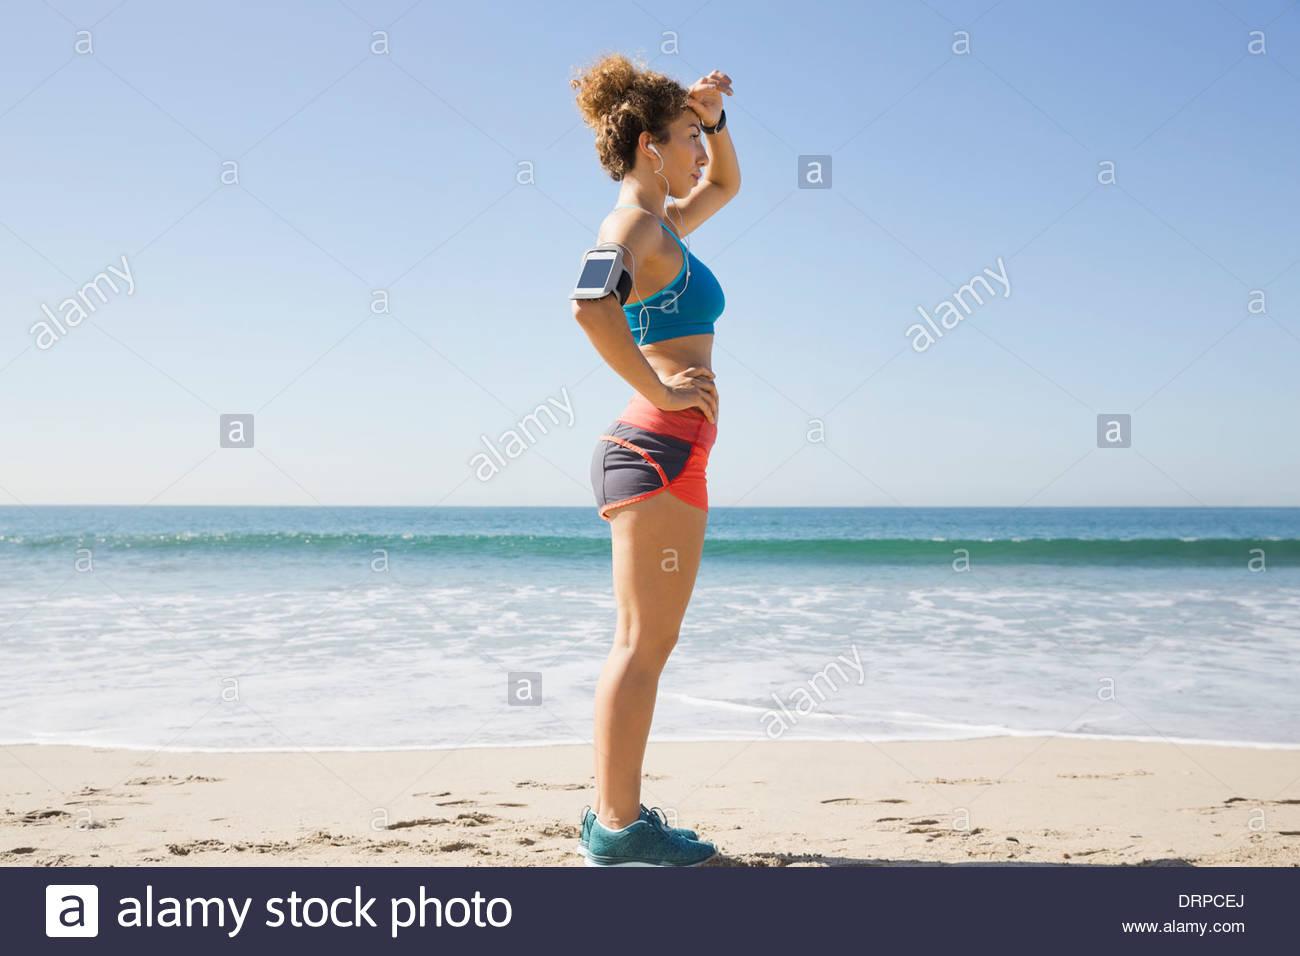 Pareggiatore femminile prendendo una pausa sulla spiaggia Immagini Stock